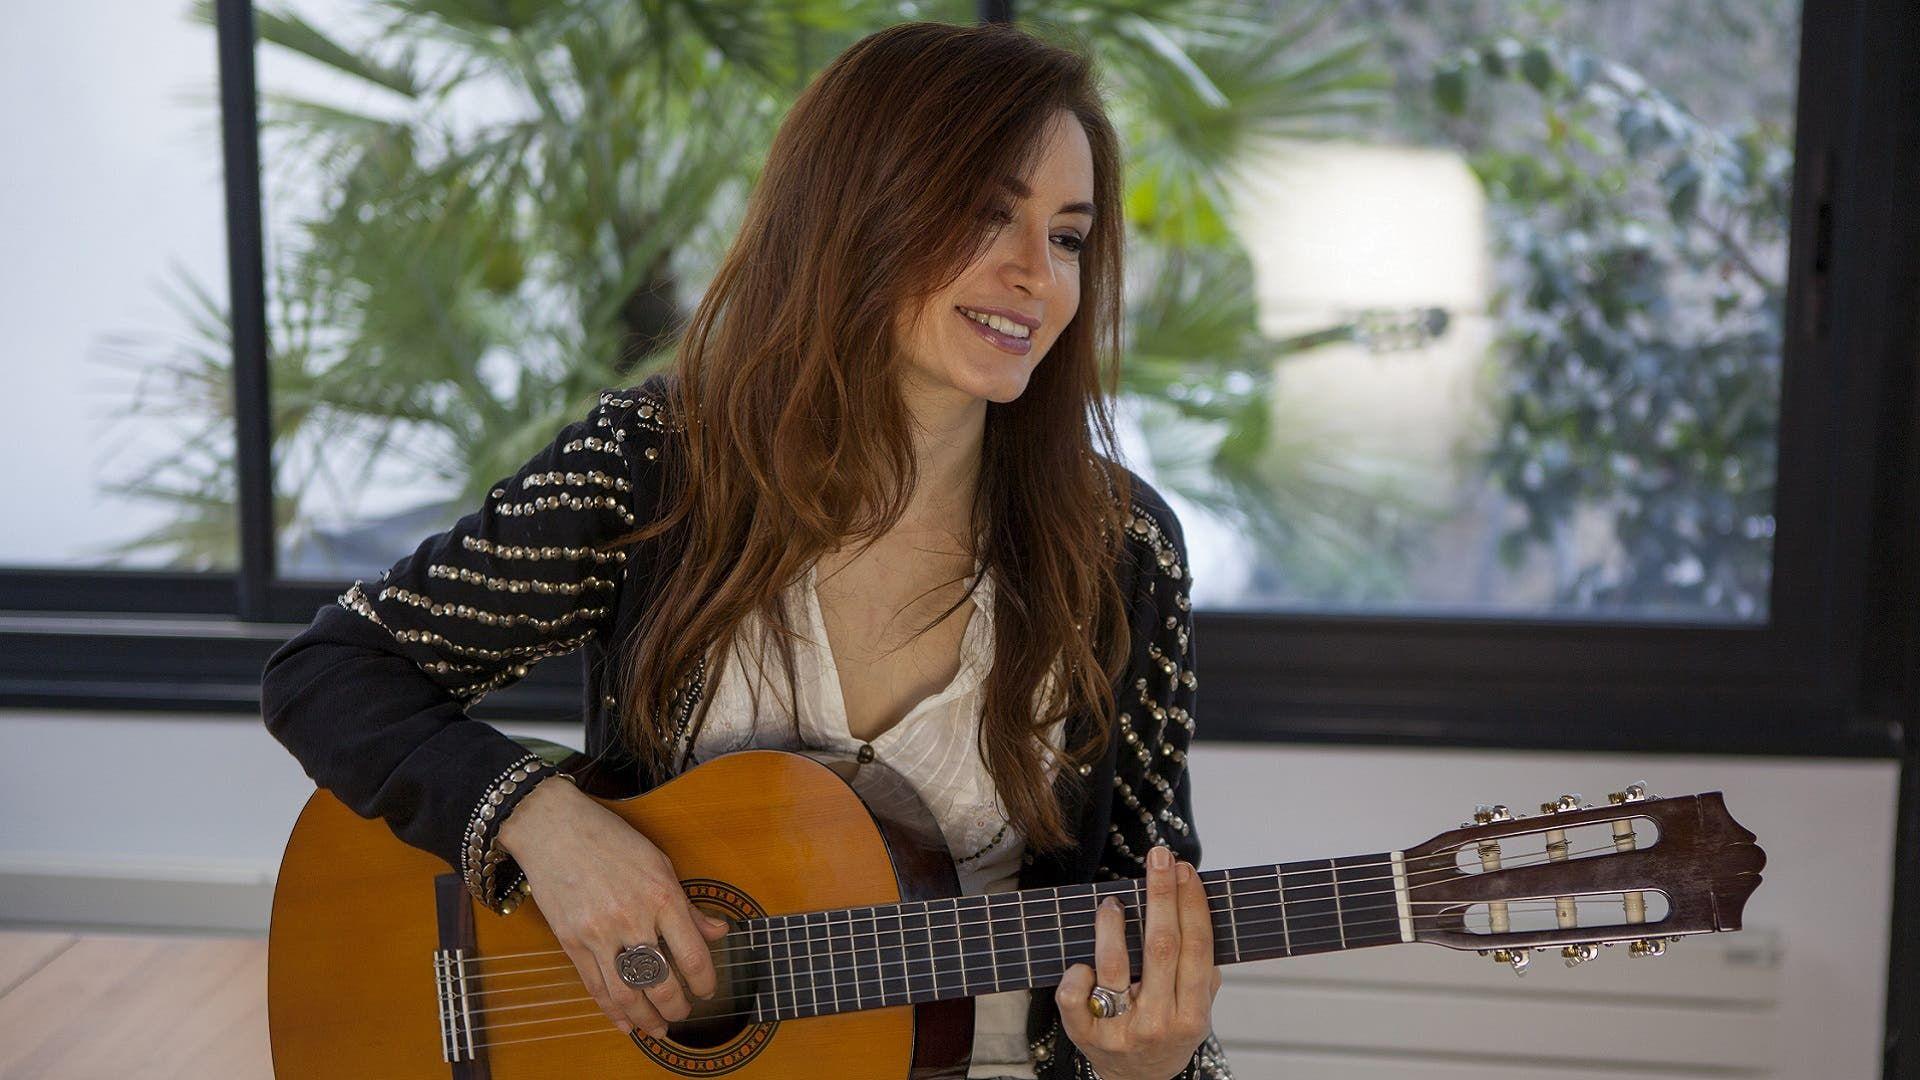 رشا رزق تحت الانتقادات بسبب حبوب منع الحمل Guitar Music Instruments Music